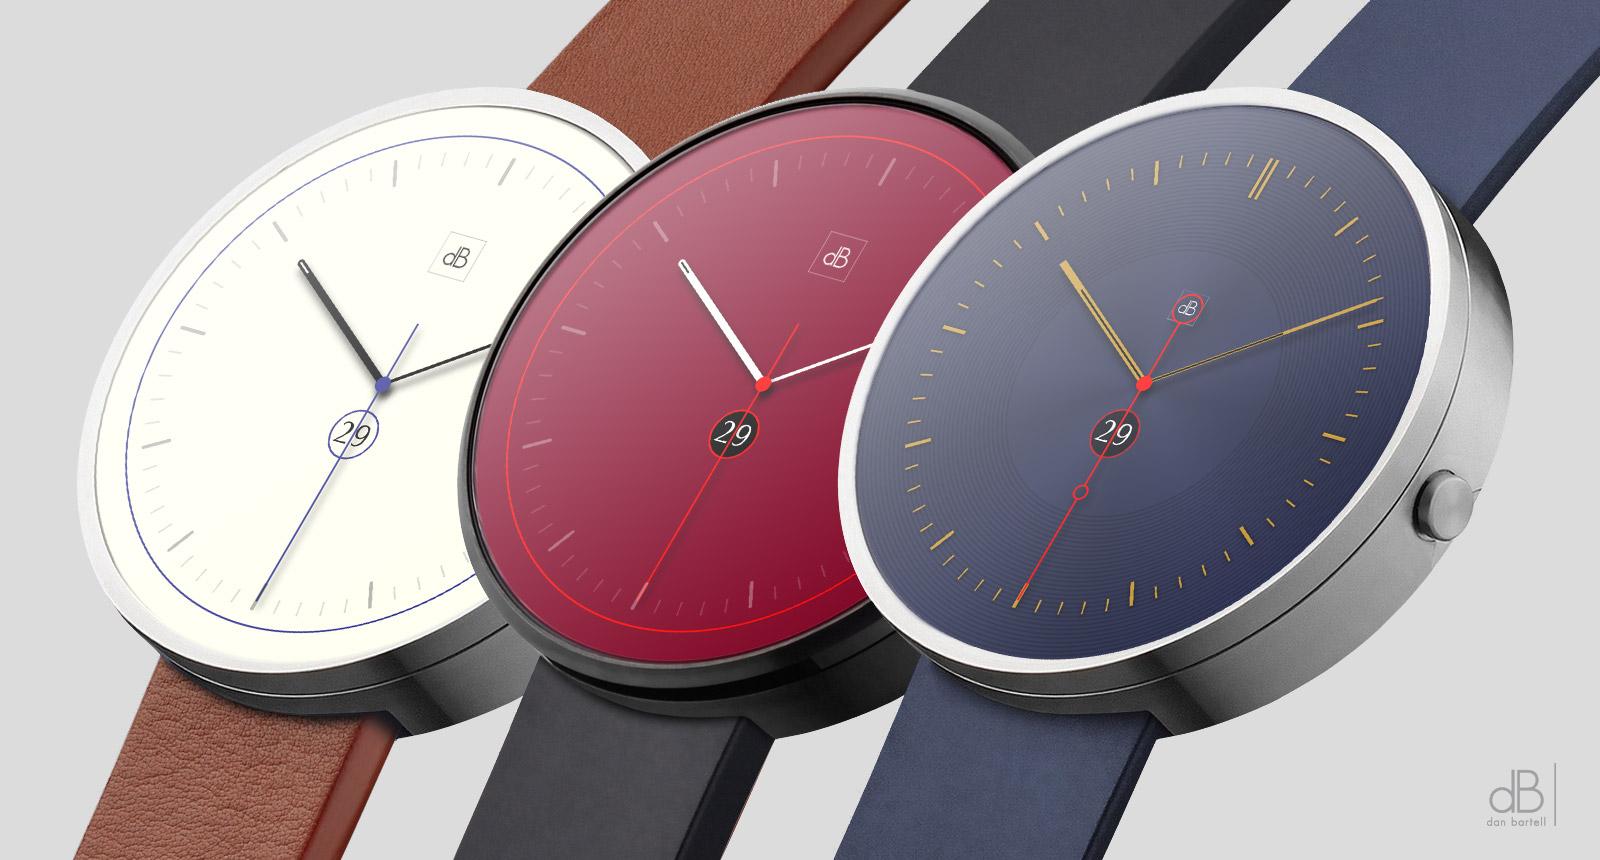 Smartwatch Faces